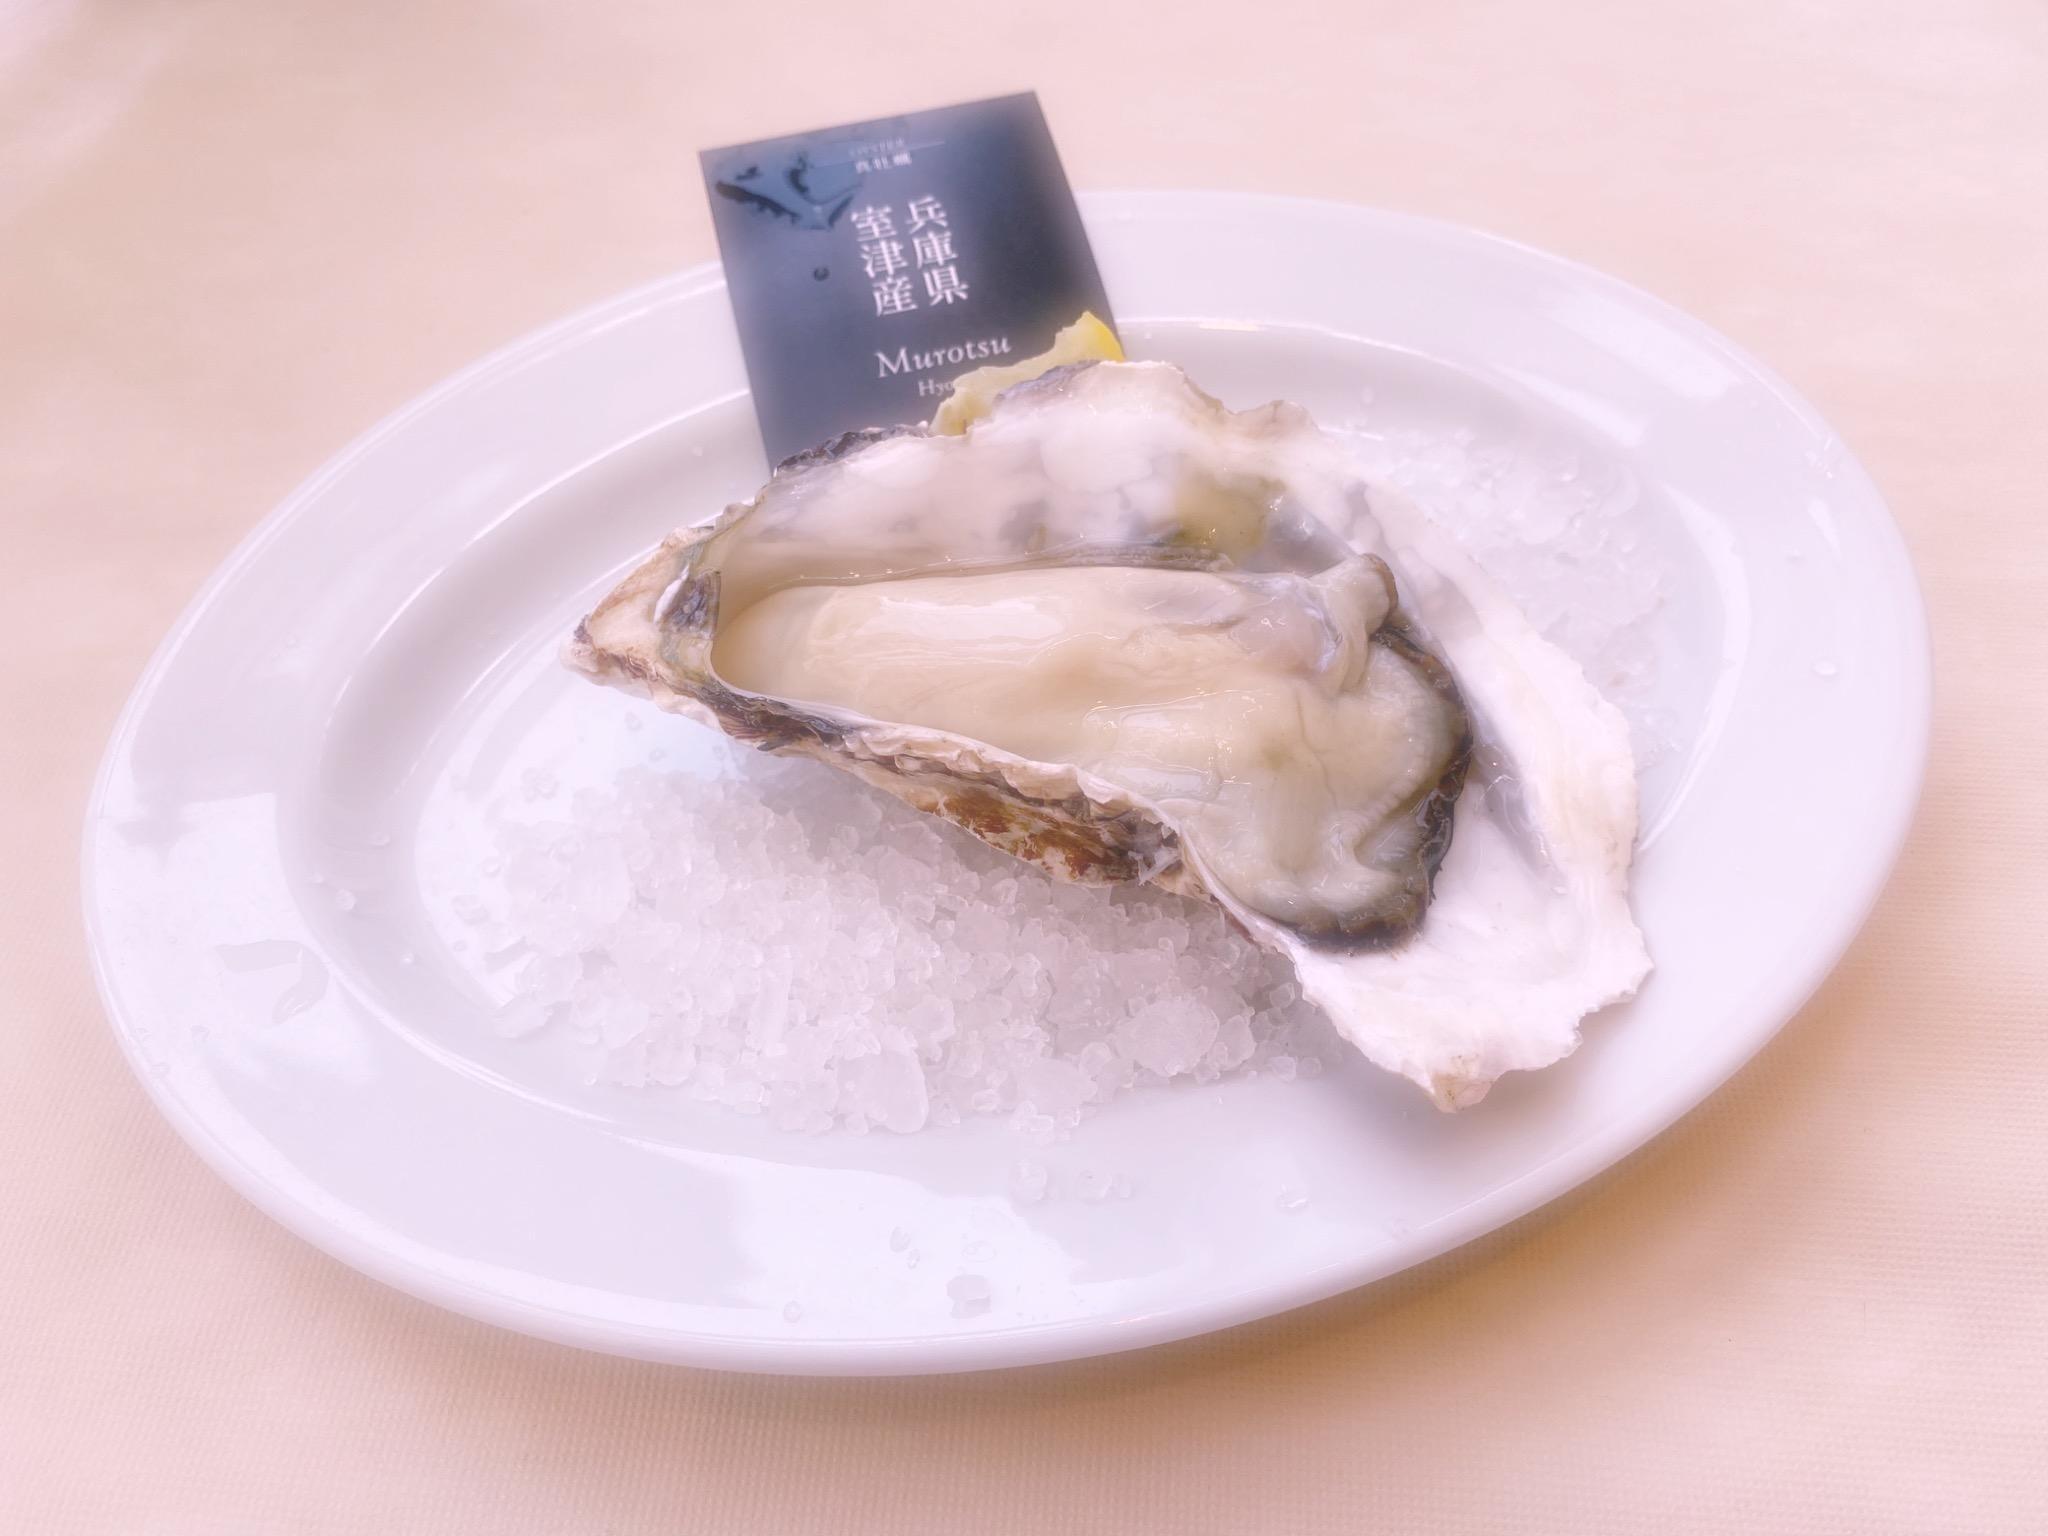 「♡ 大好物」06/03(水) 03:41 | れのかの写メ・風俗動画